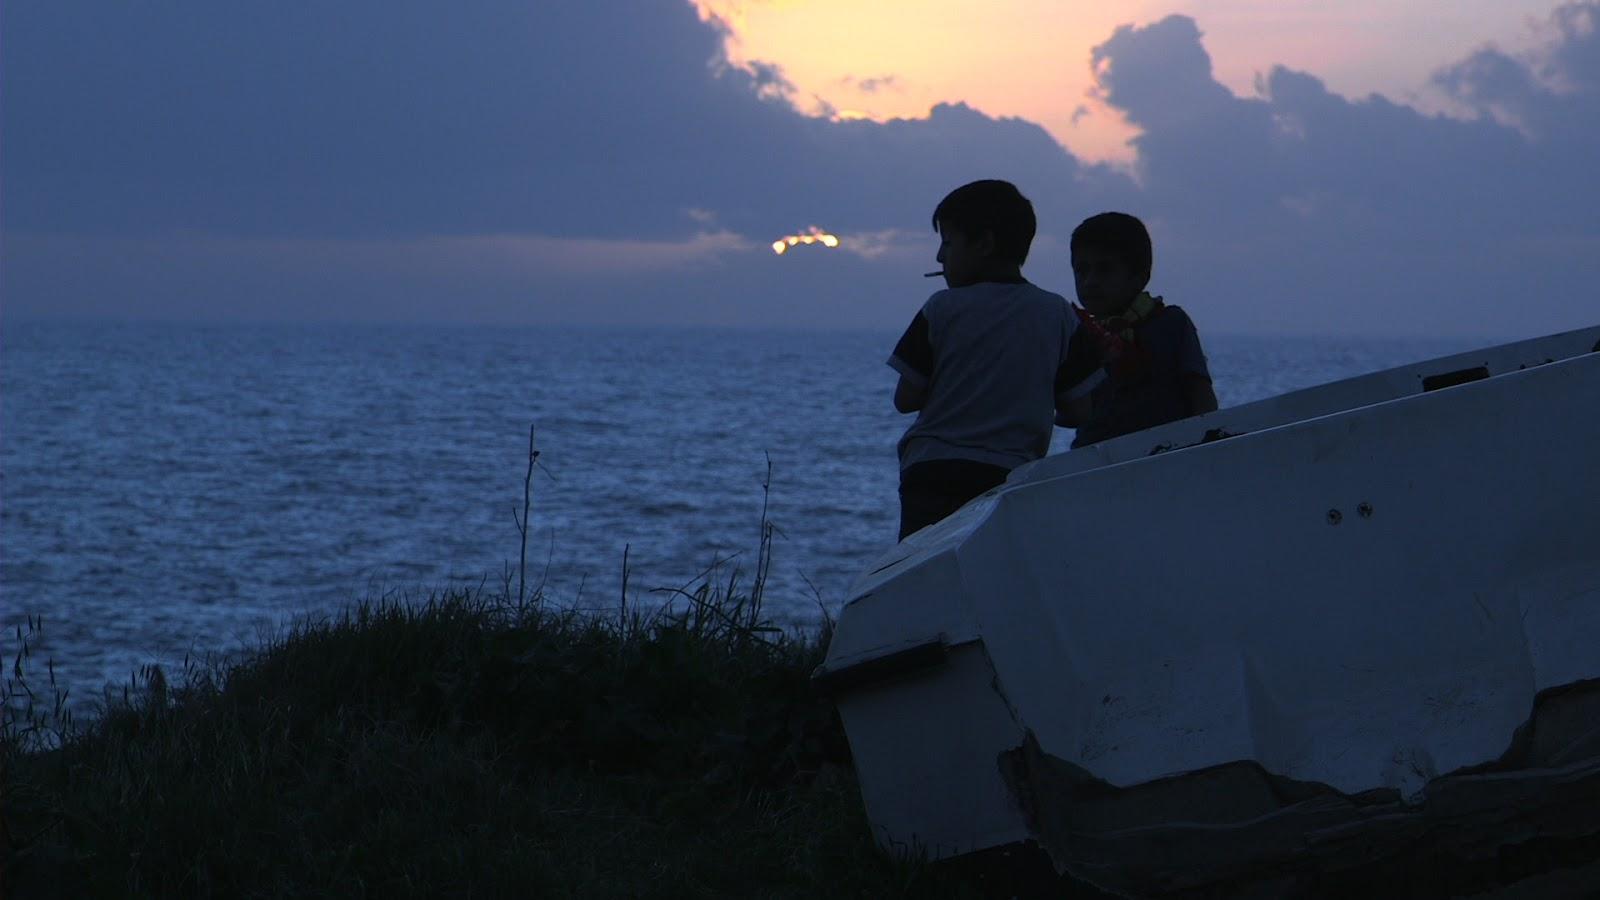 [사진2. 영화 <망명>의 스틸컷. 두 아이가 바다를 바라보는 뒷모습.]